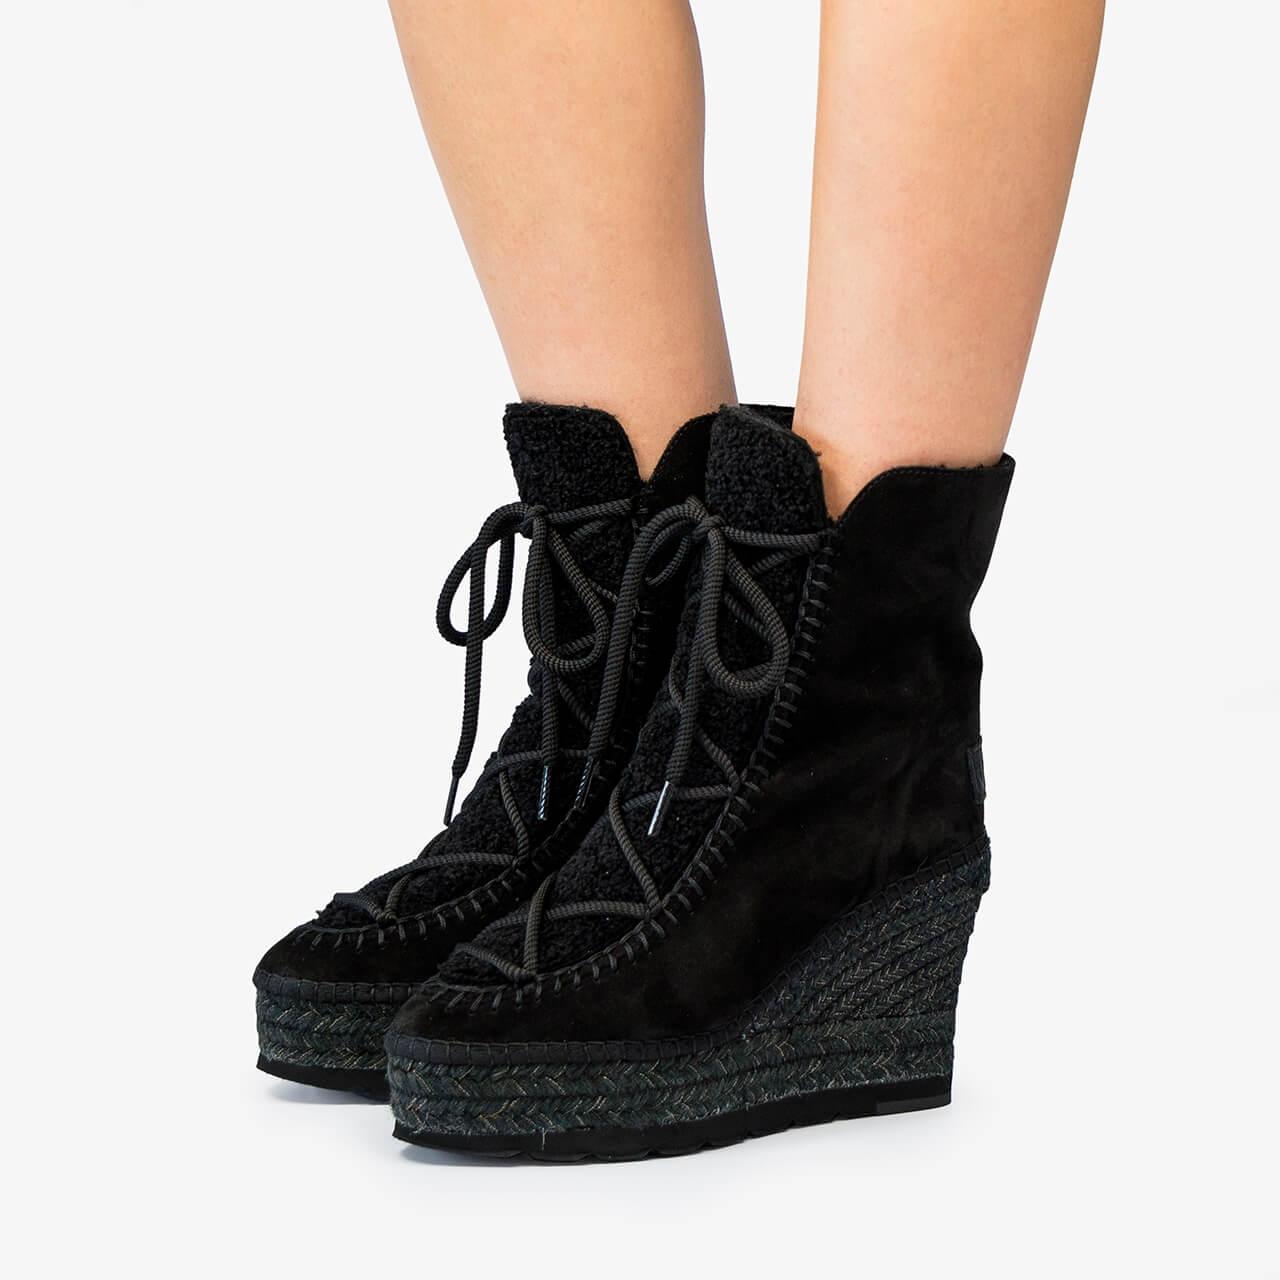 botas mujer - Ítem3